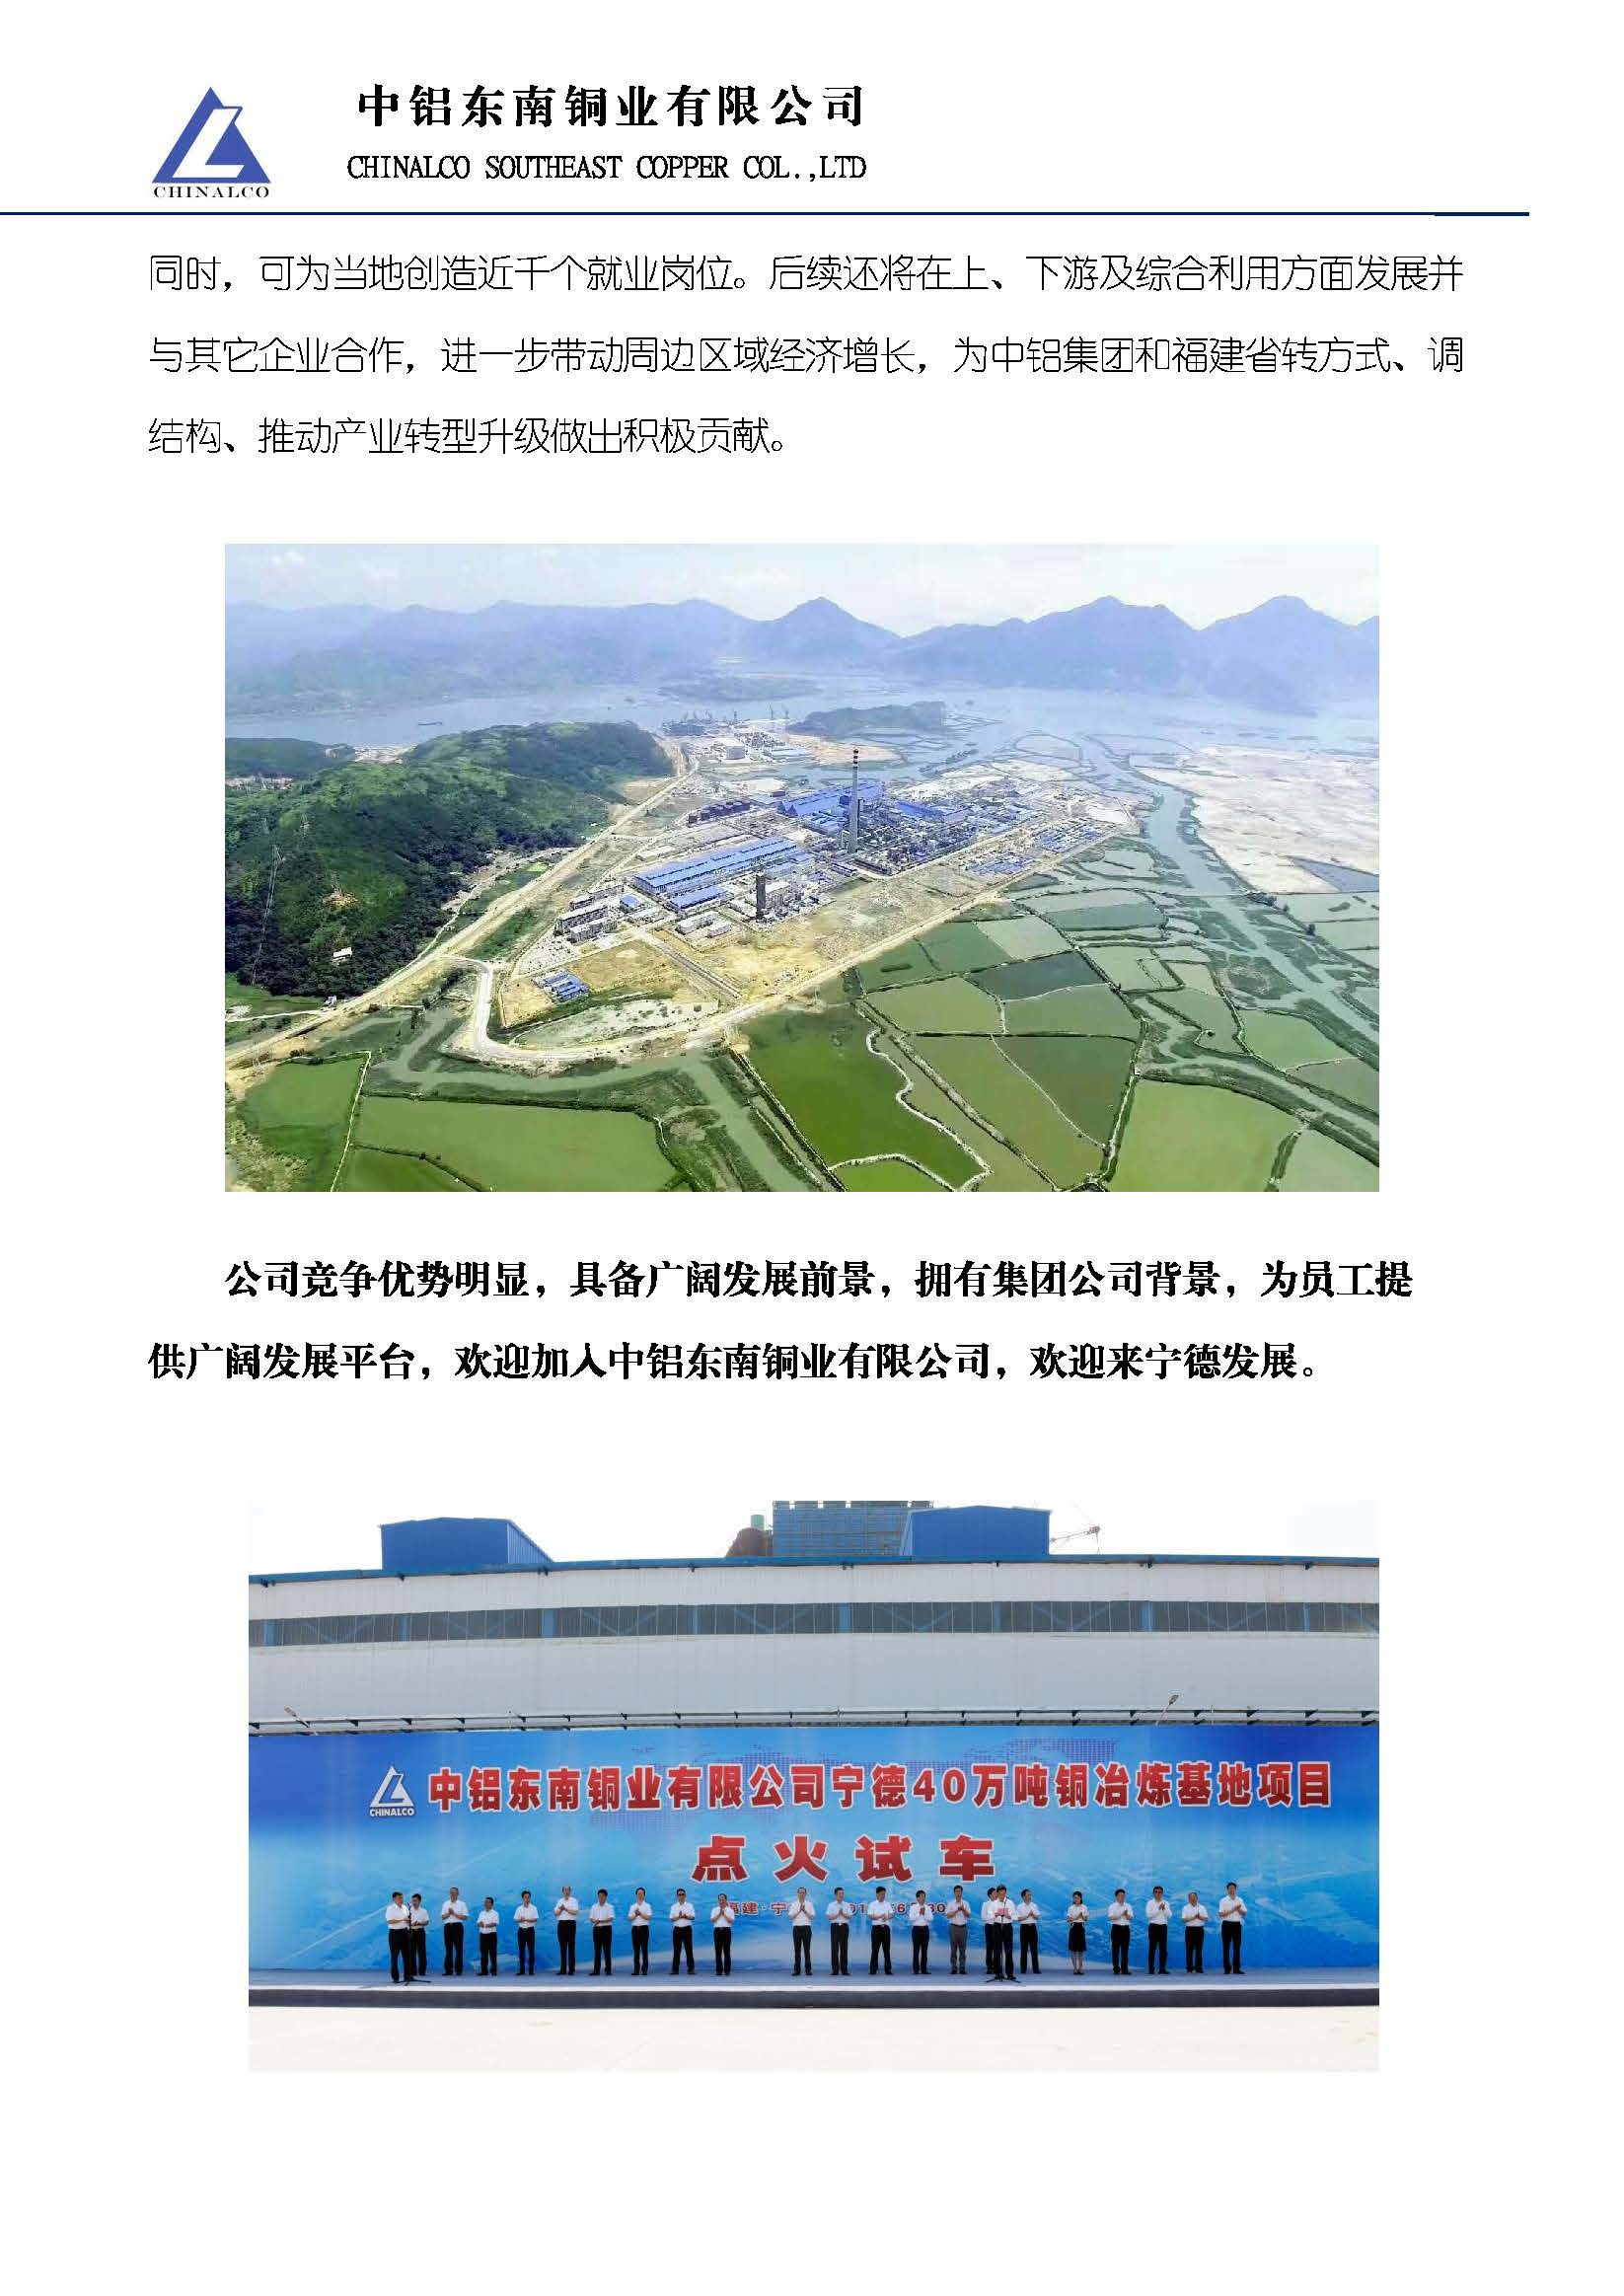 中铝东南铜业2018年秋季高校招聘计划_页面_2.jpg